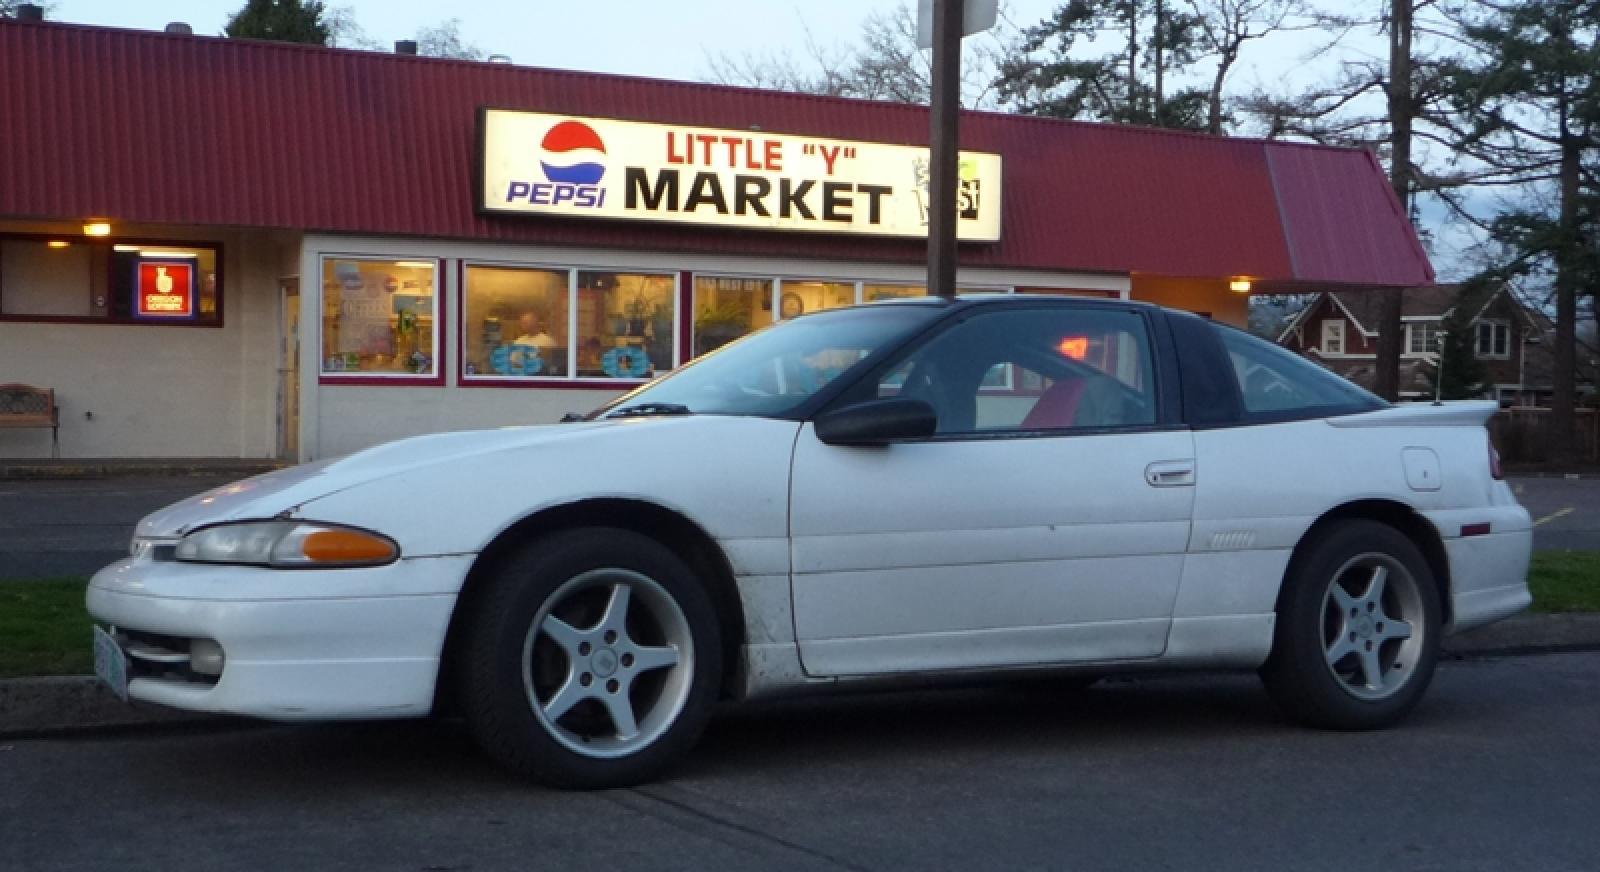 800 1024 1280 1600 Origin 1992 Mitsubishi Eclipse